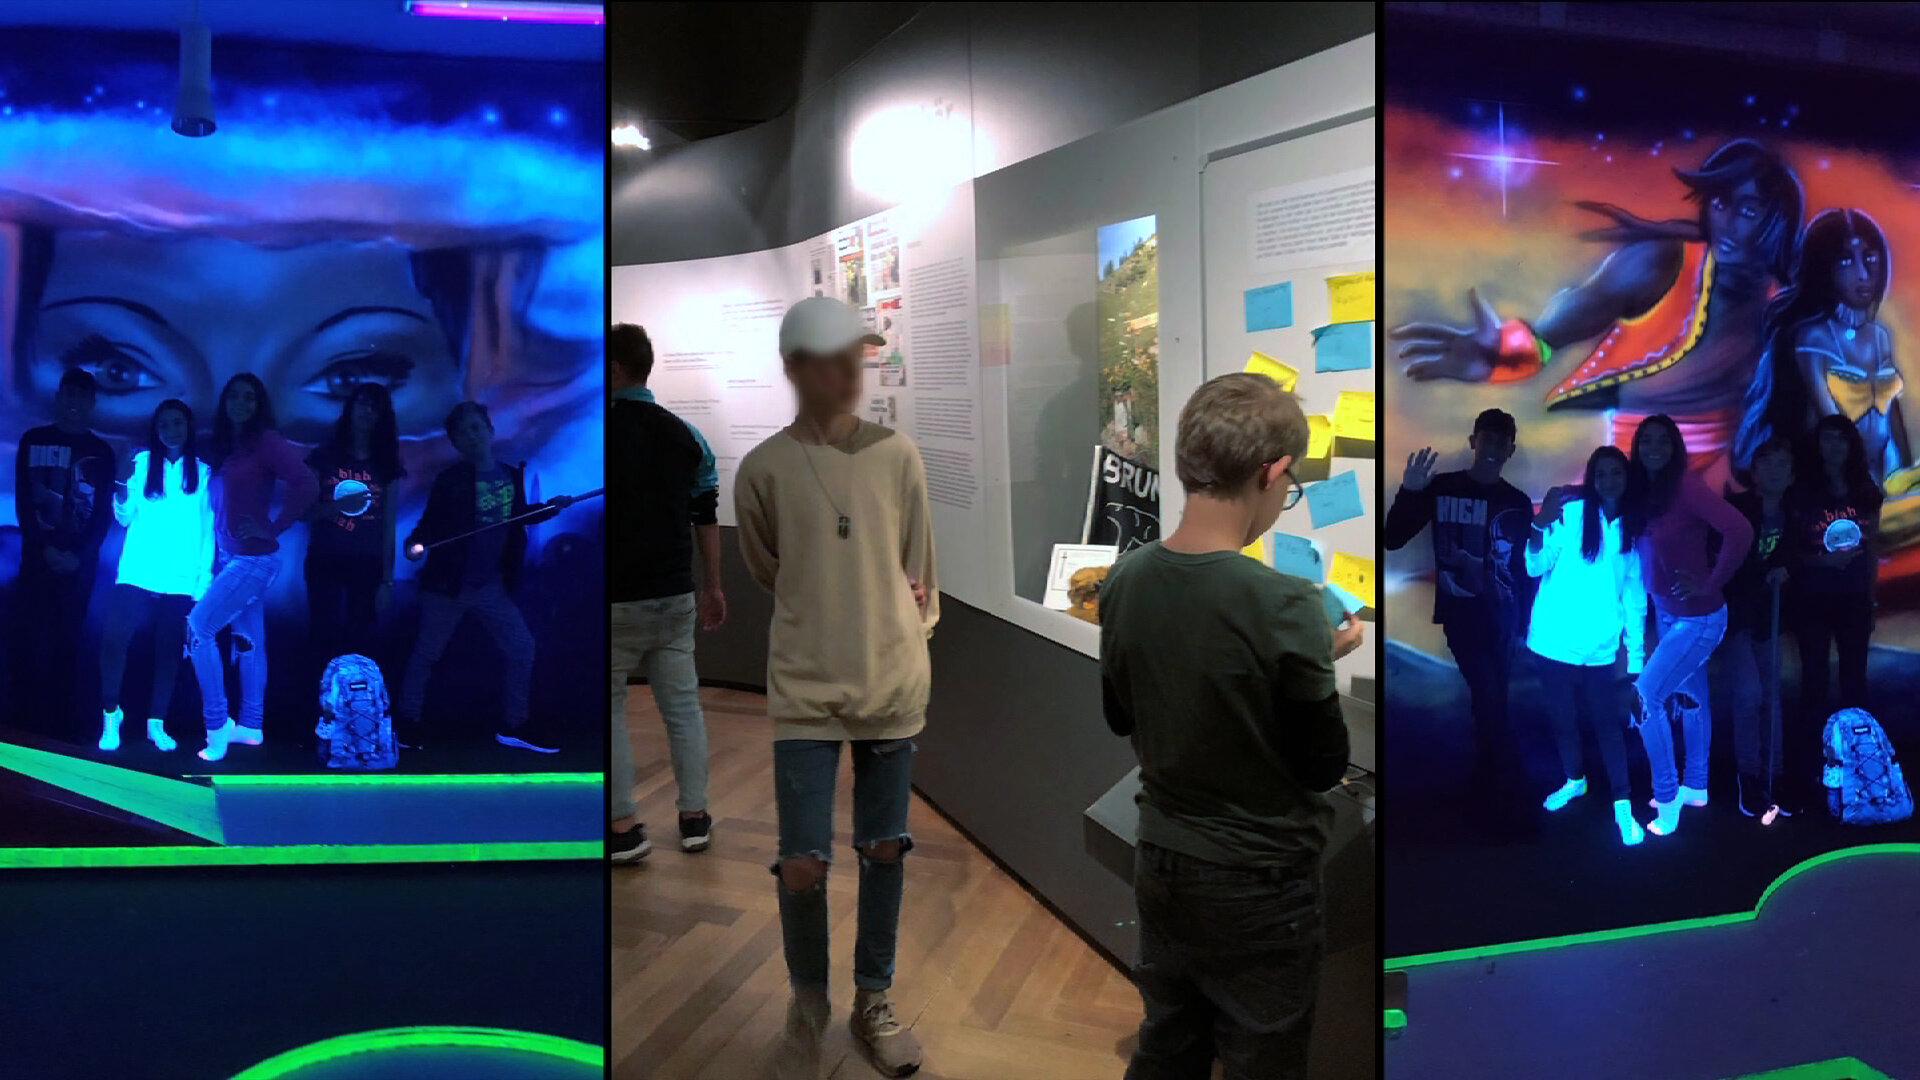 AktuellesPage_Naturkundemuseum_0919.jpg